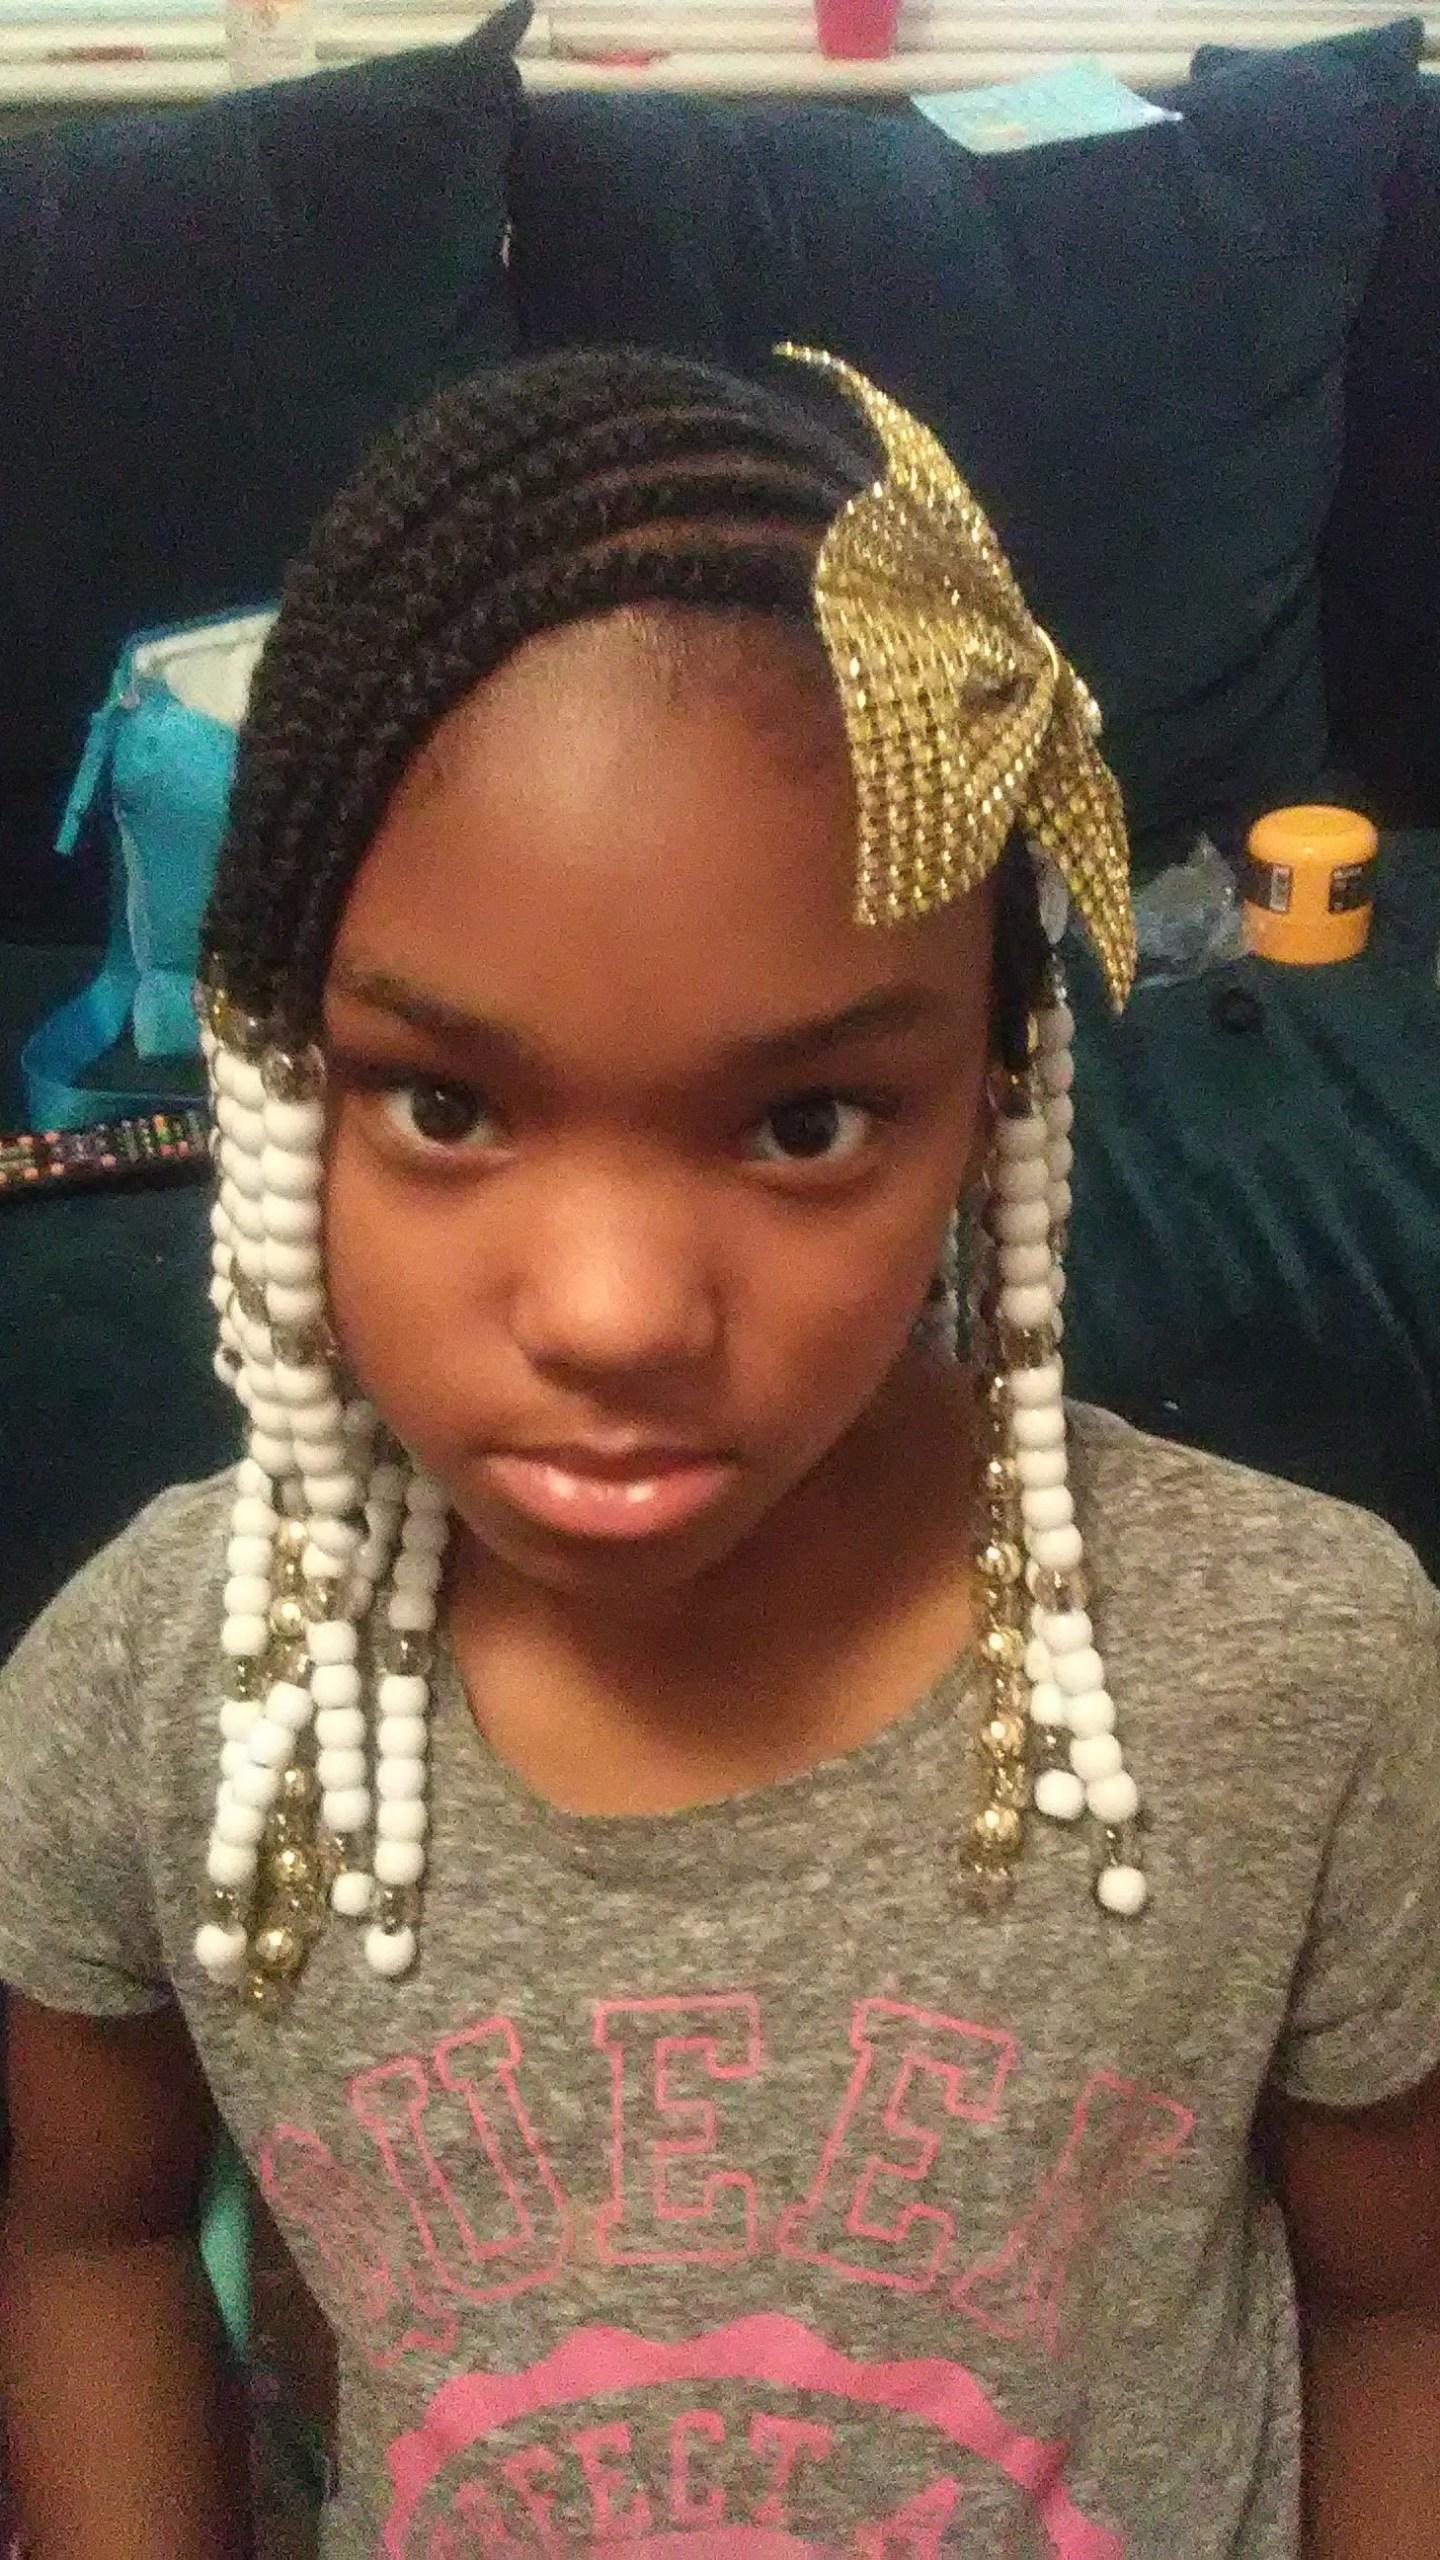 gpd missing child_1560533162486.jpg.jpg